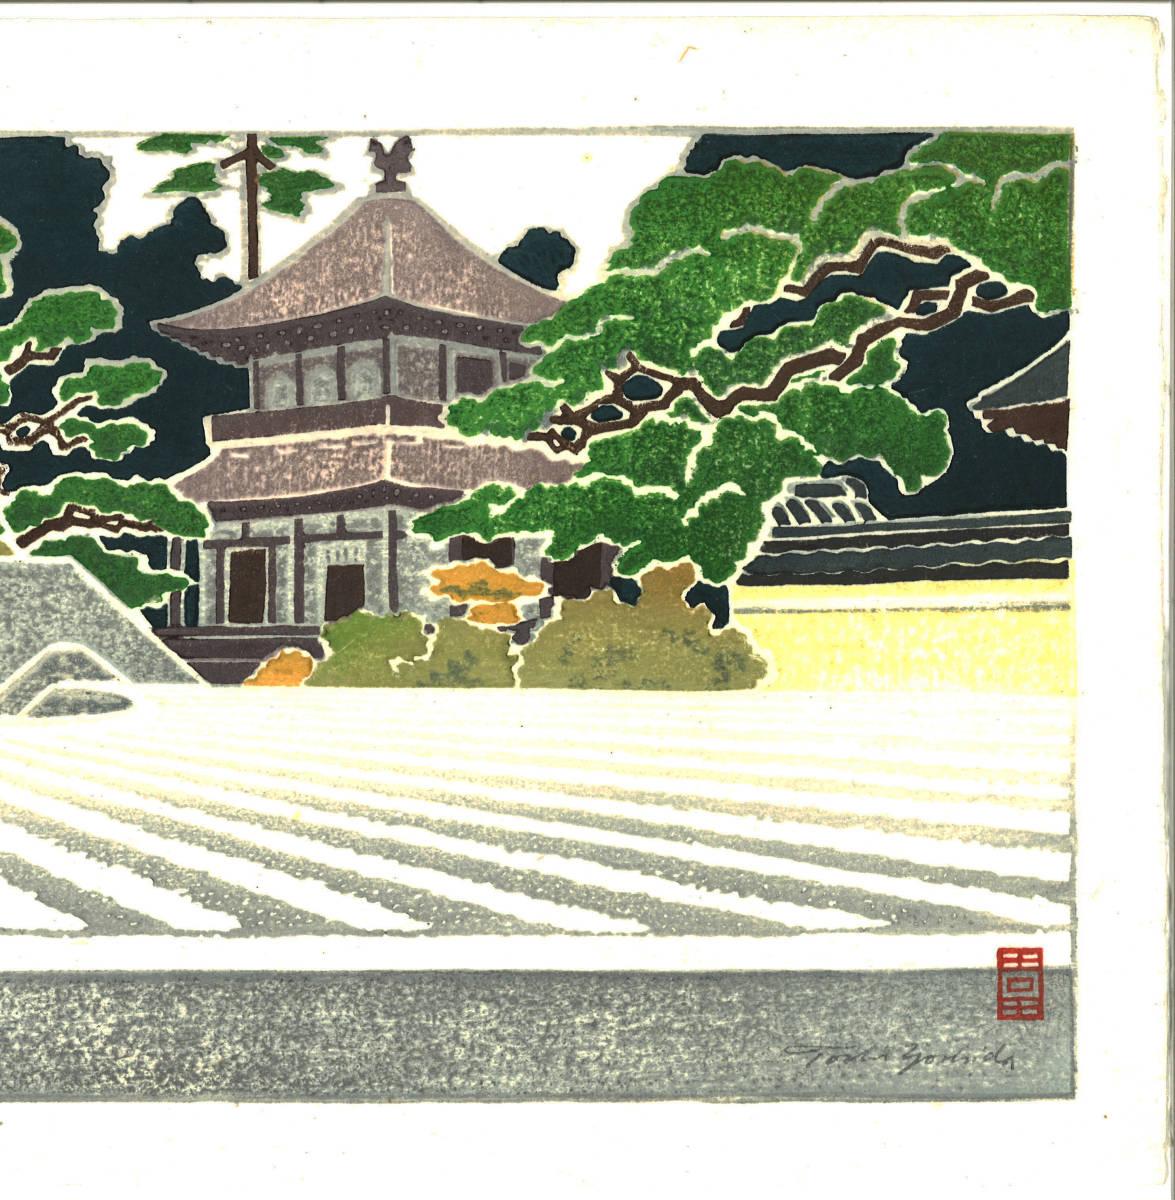 吉田遠志 木版画   016302 銀閣寺の庭  (Ginkakuji Garden)   初摺1963年  最高峰の摺師の技をご堪能下さい!!_画像4